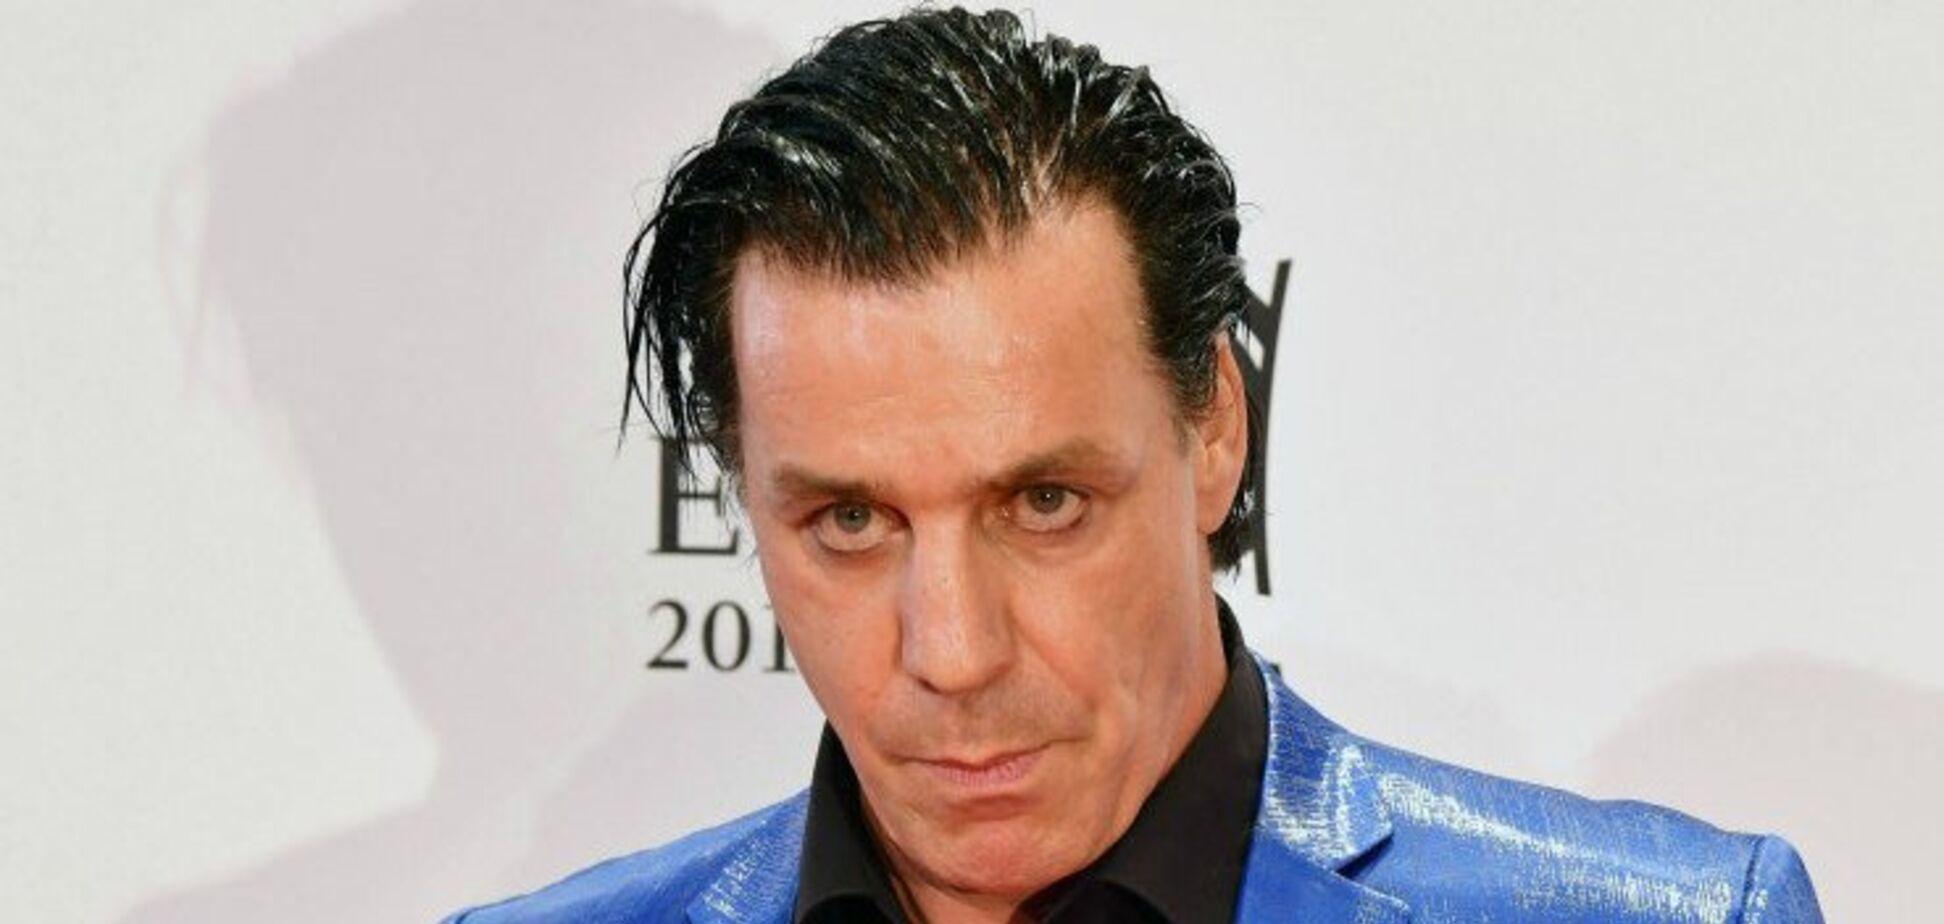 Соліст Rammstein зламав щелепу настирливому прихильнику